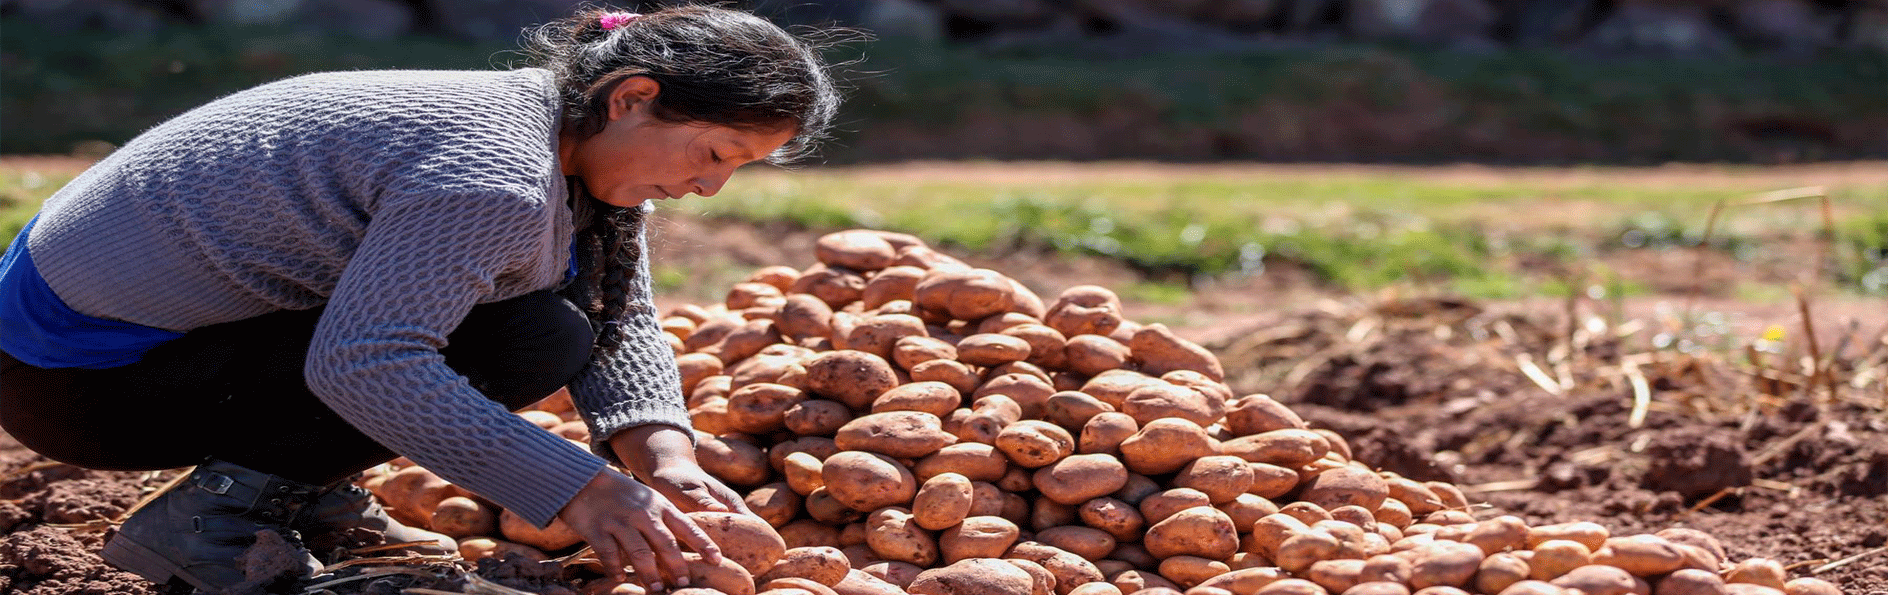 Producción agropecuaria se incrementó 3.64% en enero del 2020